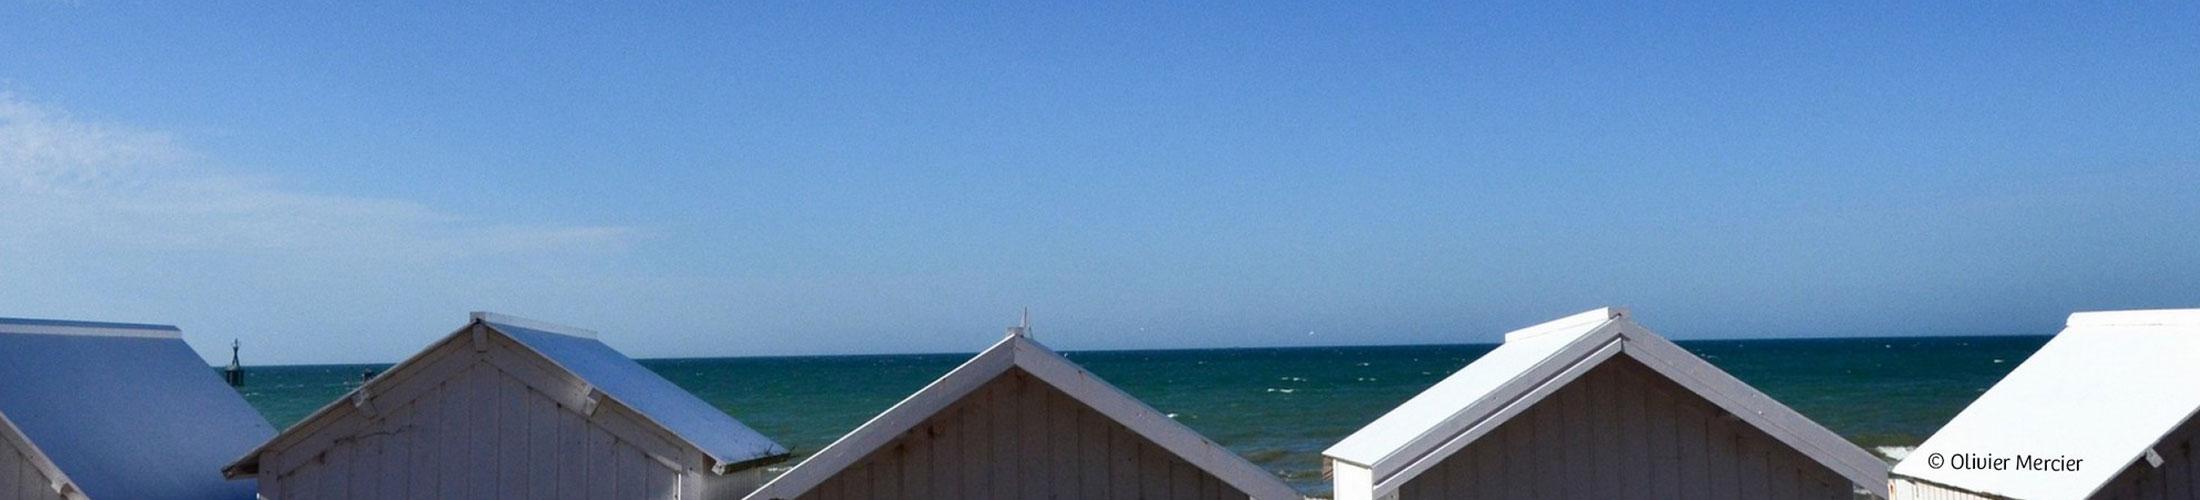 Le site internet de la mairie de Courseulles-sur-mer, séduit tous les visiteurs.  L'agence a su réaliser en respectant la charte graphique du 1